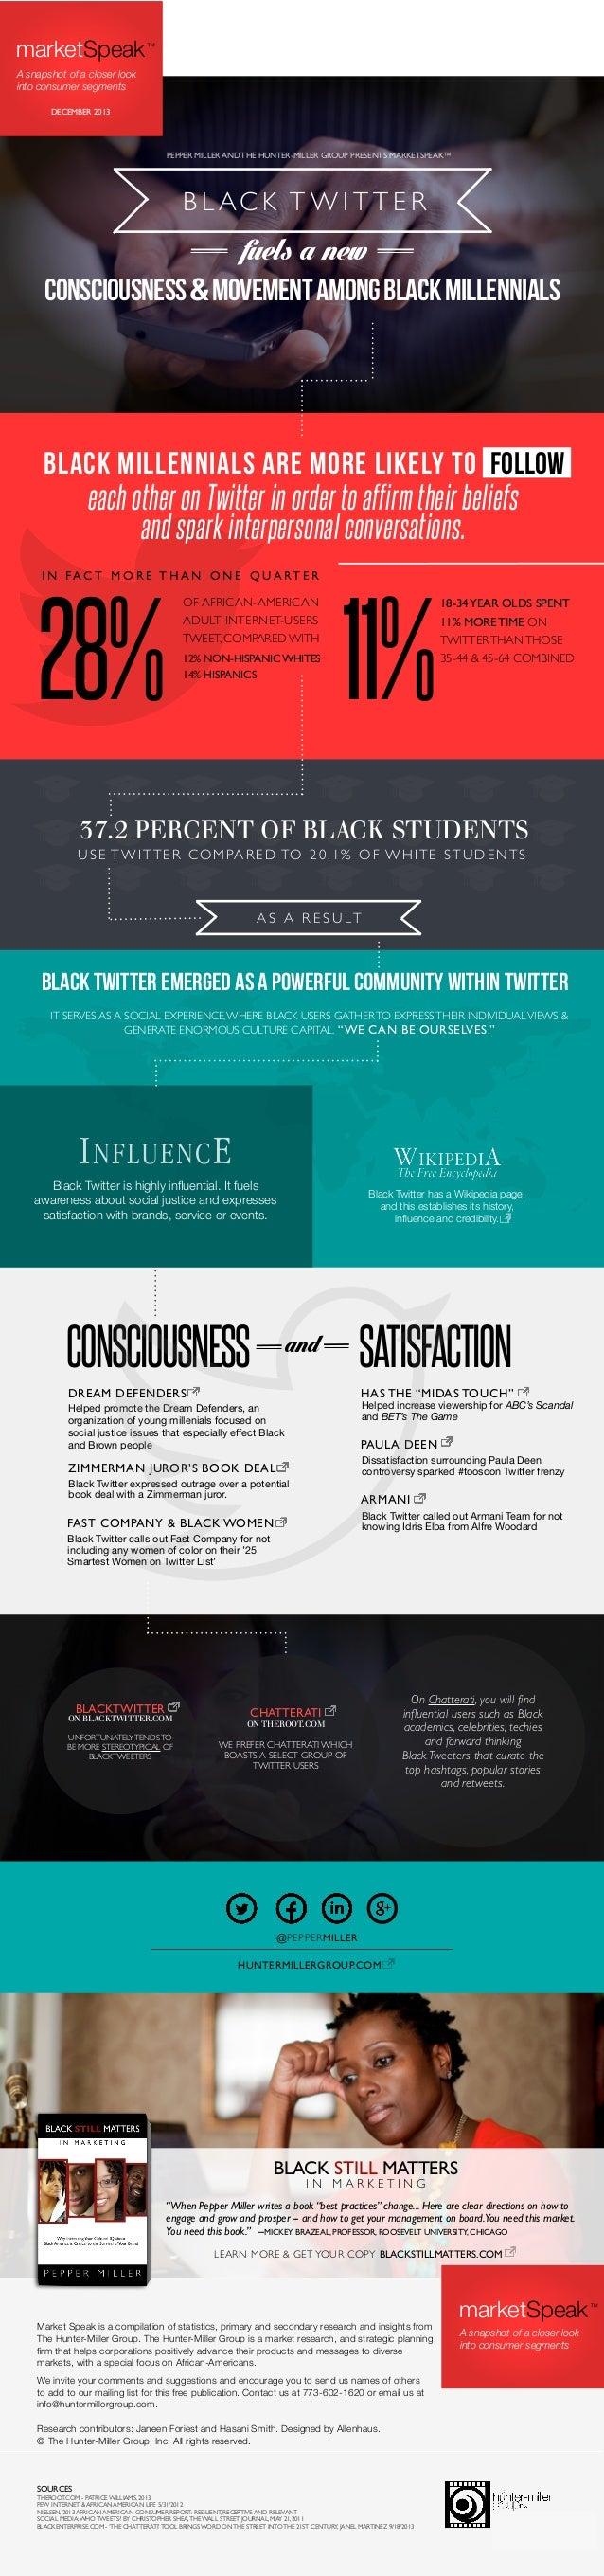 marketSpeak  ™  A snapshot of a closer look into consumer segments  marketSpeak  DECEMBER 2013  ™  A snapshot of a closer ...